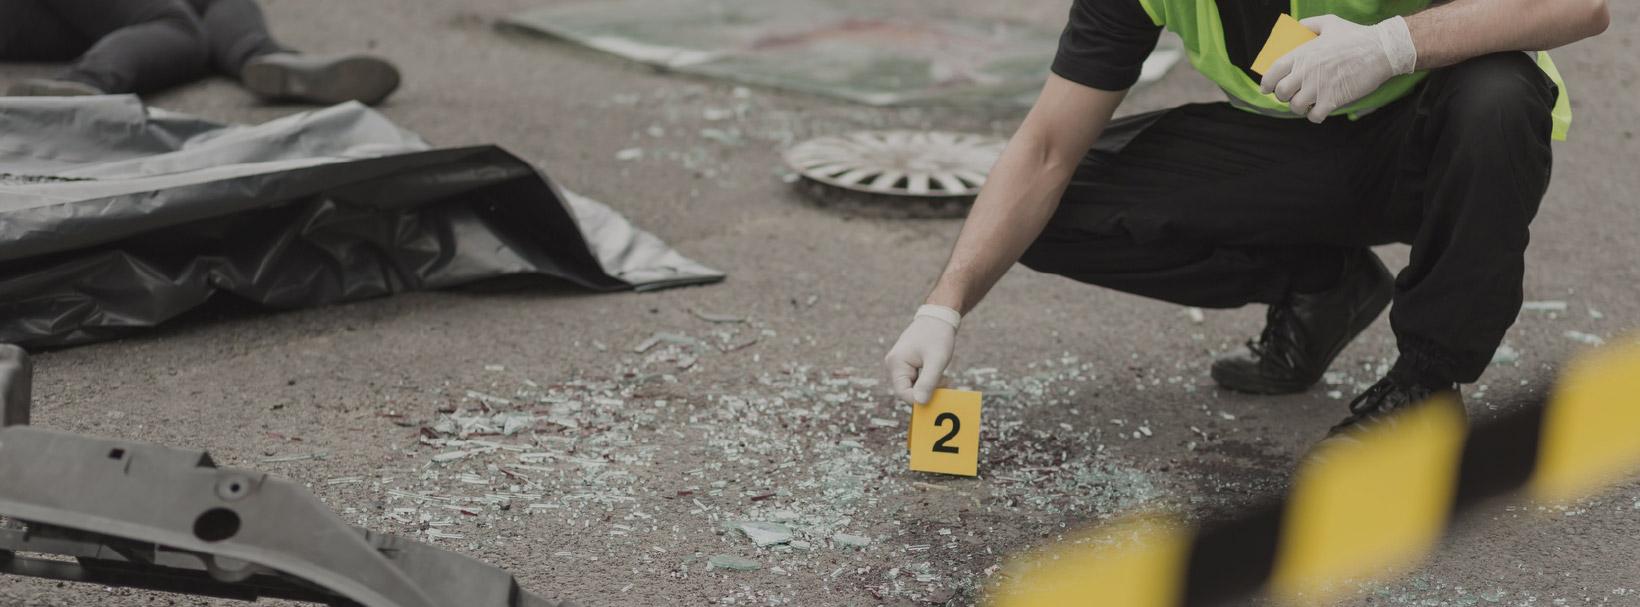 Onandia Abogados de Barcelona Accidentes de Tráfico